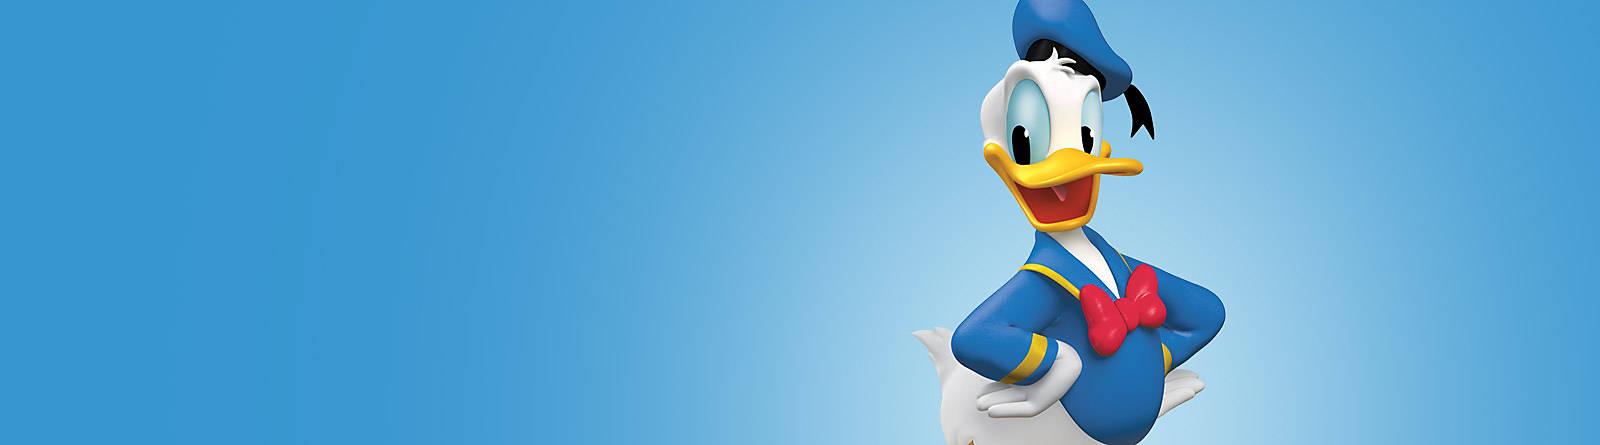 Donald Duck Die beliebteste Ente der Welt kommt direkt aus Entenhausen zu uns! Finde Donald Duck Figuren, Kostüme, Spiele & Kuscheltiere für Kinder.